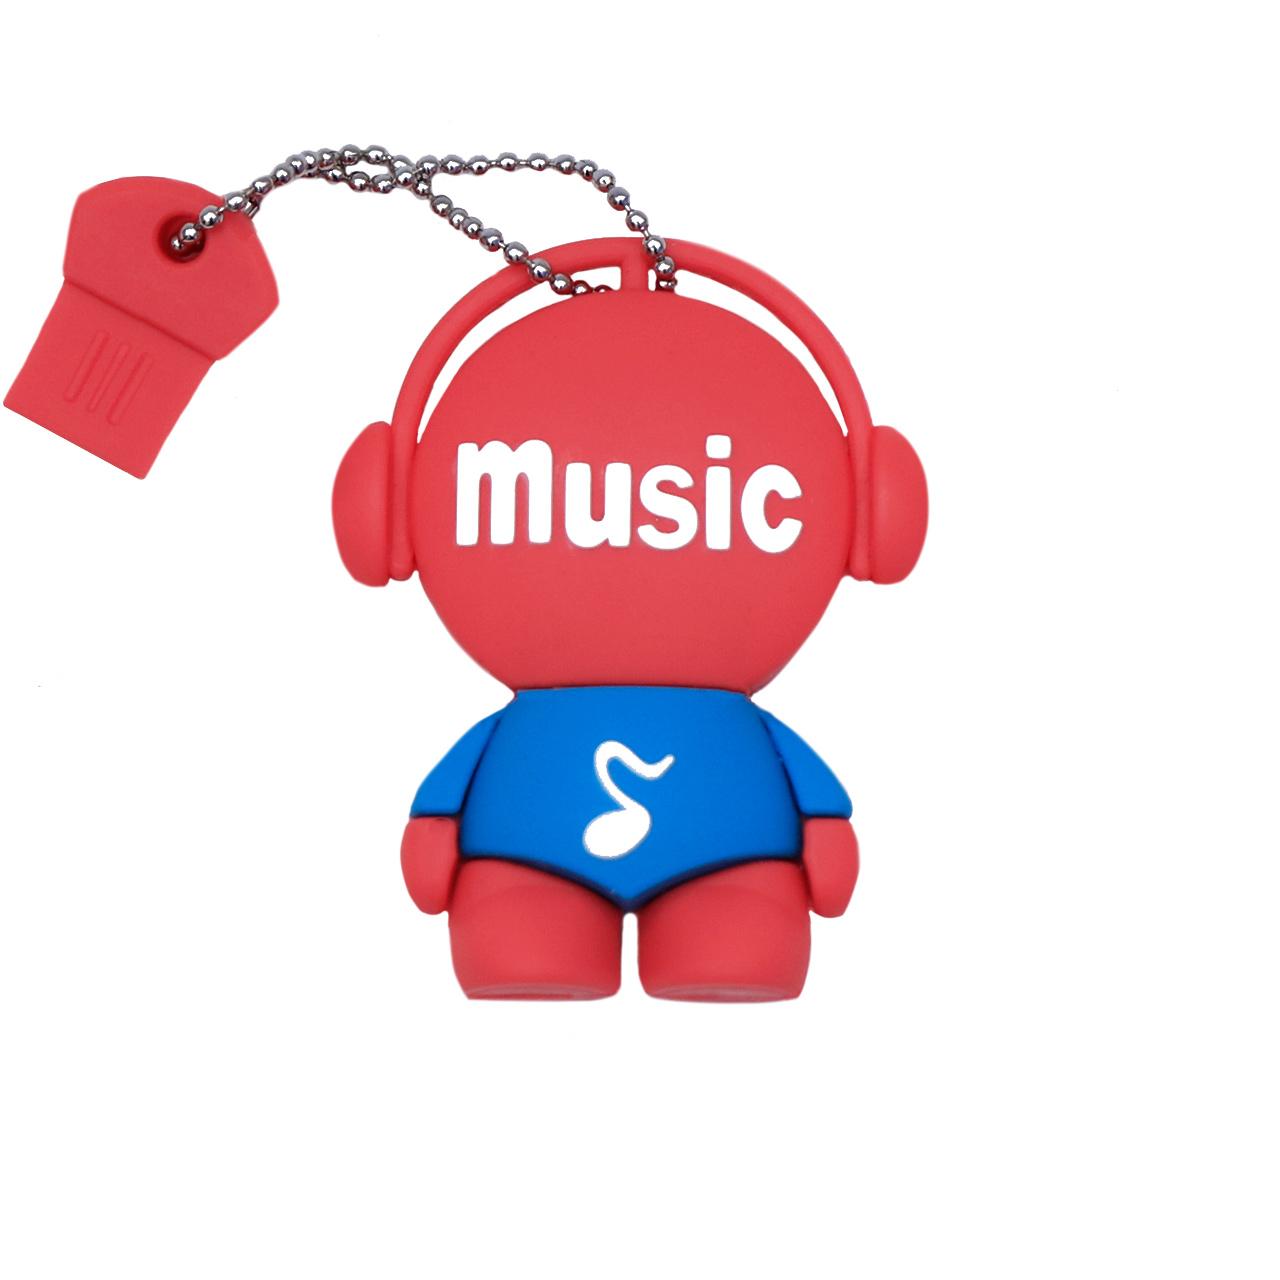 بررسی و خرید [با تخفیف]                                     فلش مموری طرح موزیک من مدل DPL1123-U3 ظرفیت 128 گیگابایت                             اورجینال